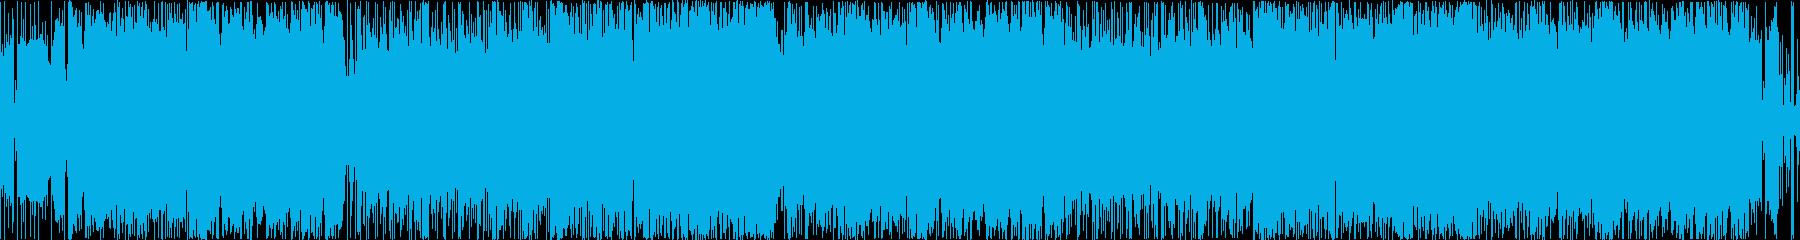 【生演奏】ヘビーなギターリフがメインの曲の再生済みの波形